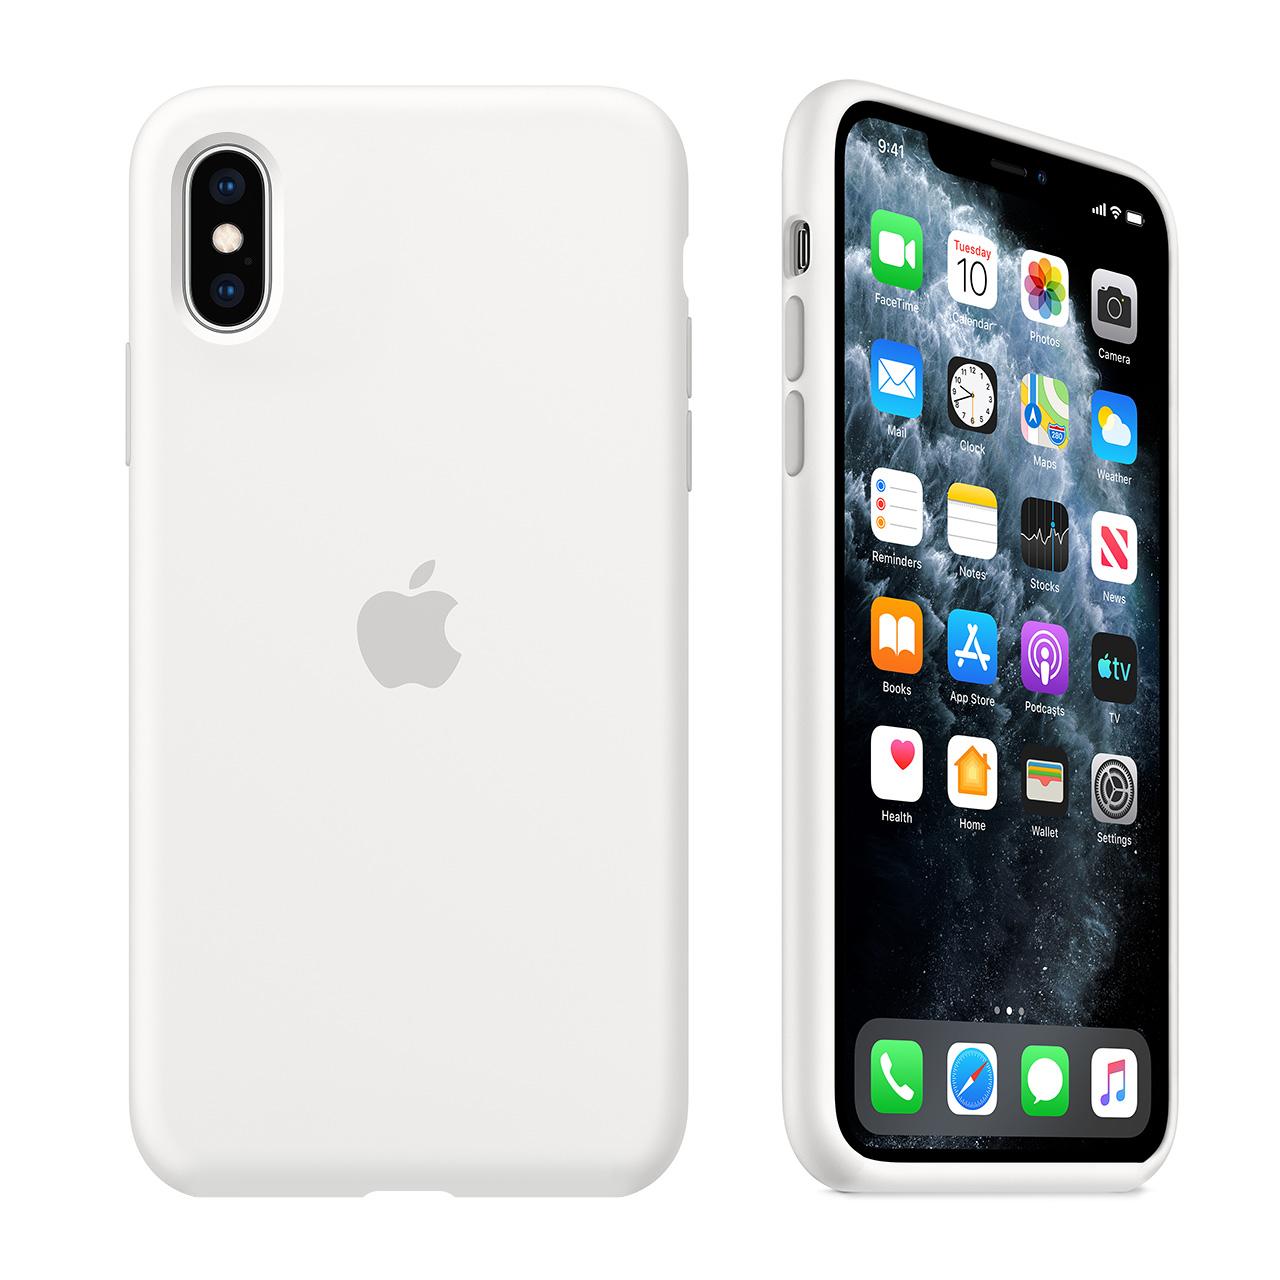 کاور وی کیس مدل Si01 مناسب برای گوشی موبایل اپل iPhone X/XS main 1 1